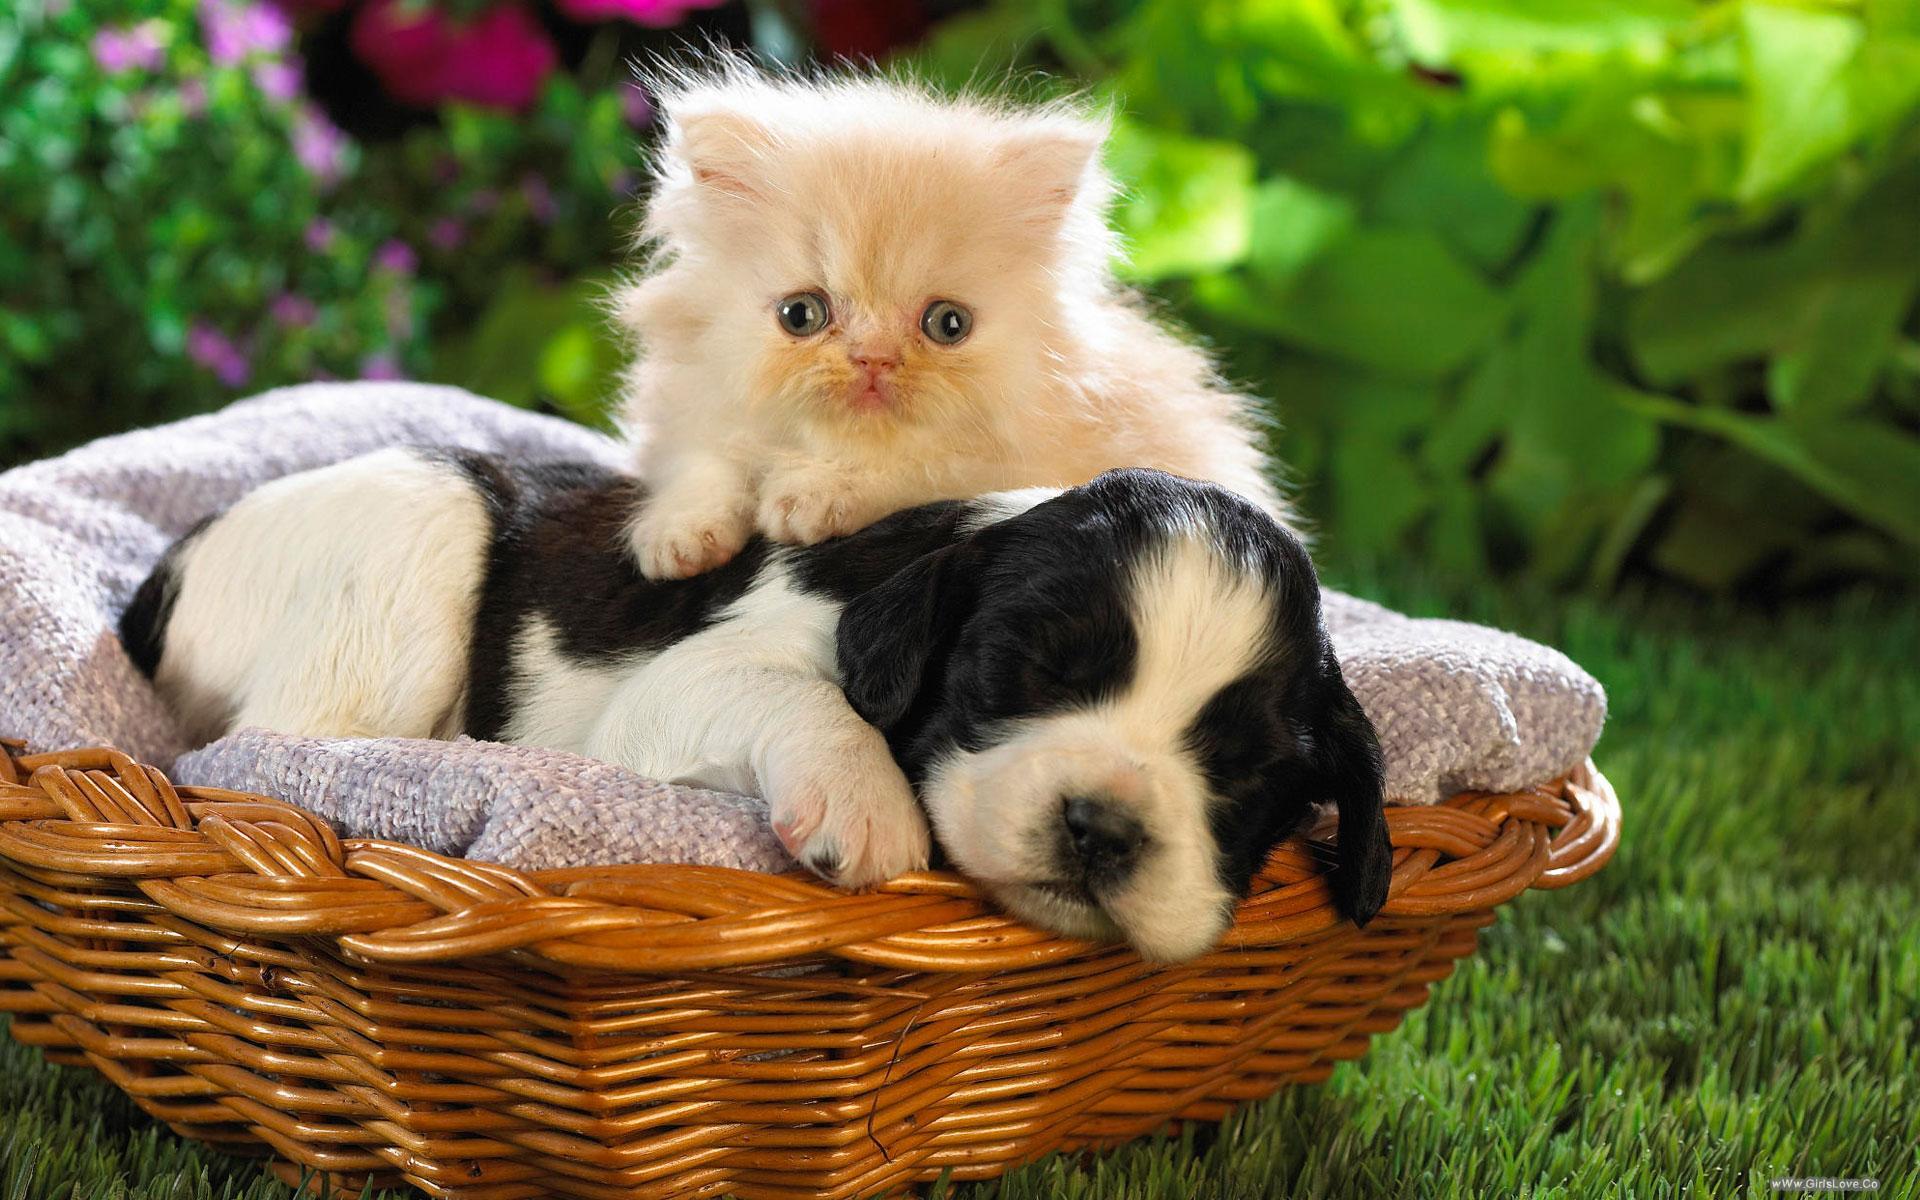 بالصور قطط وكلاب , اجمل الصور للقطط والكلاب 6059 11